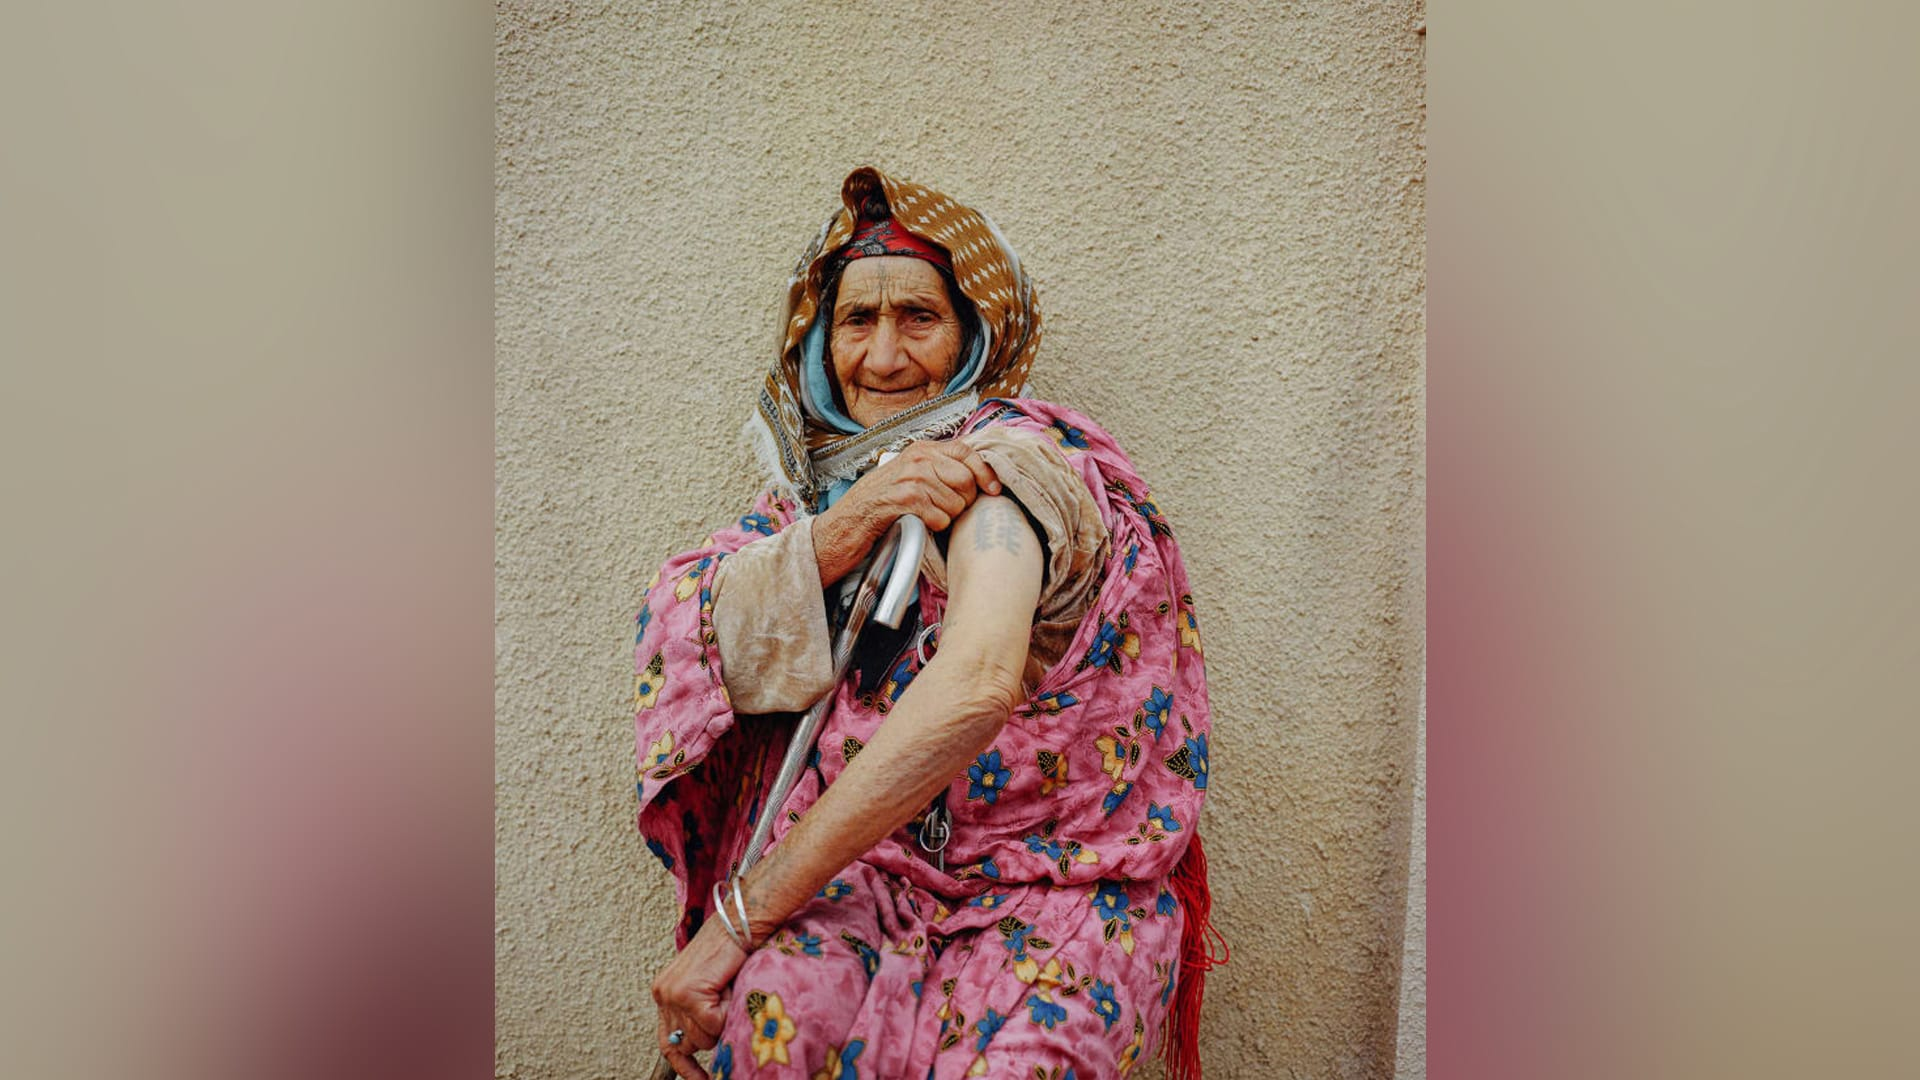 بالصور..نساء عربيات تزيُن وجوههن الوشوم لطرد الأرواح